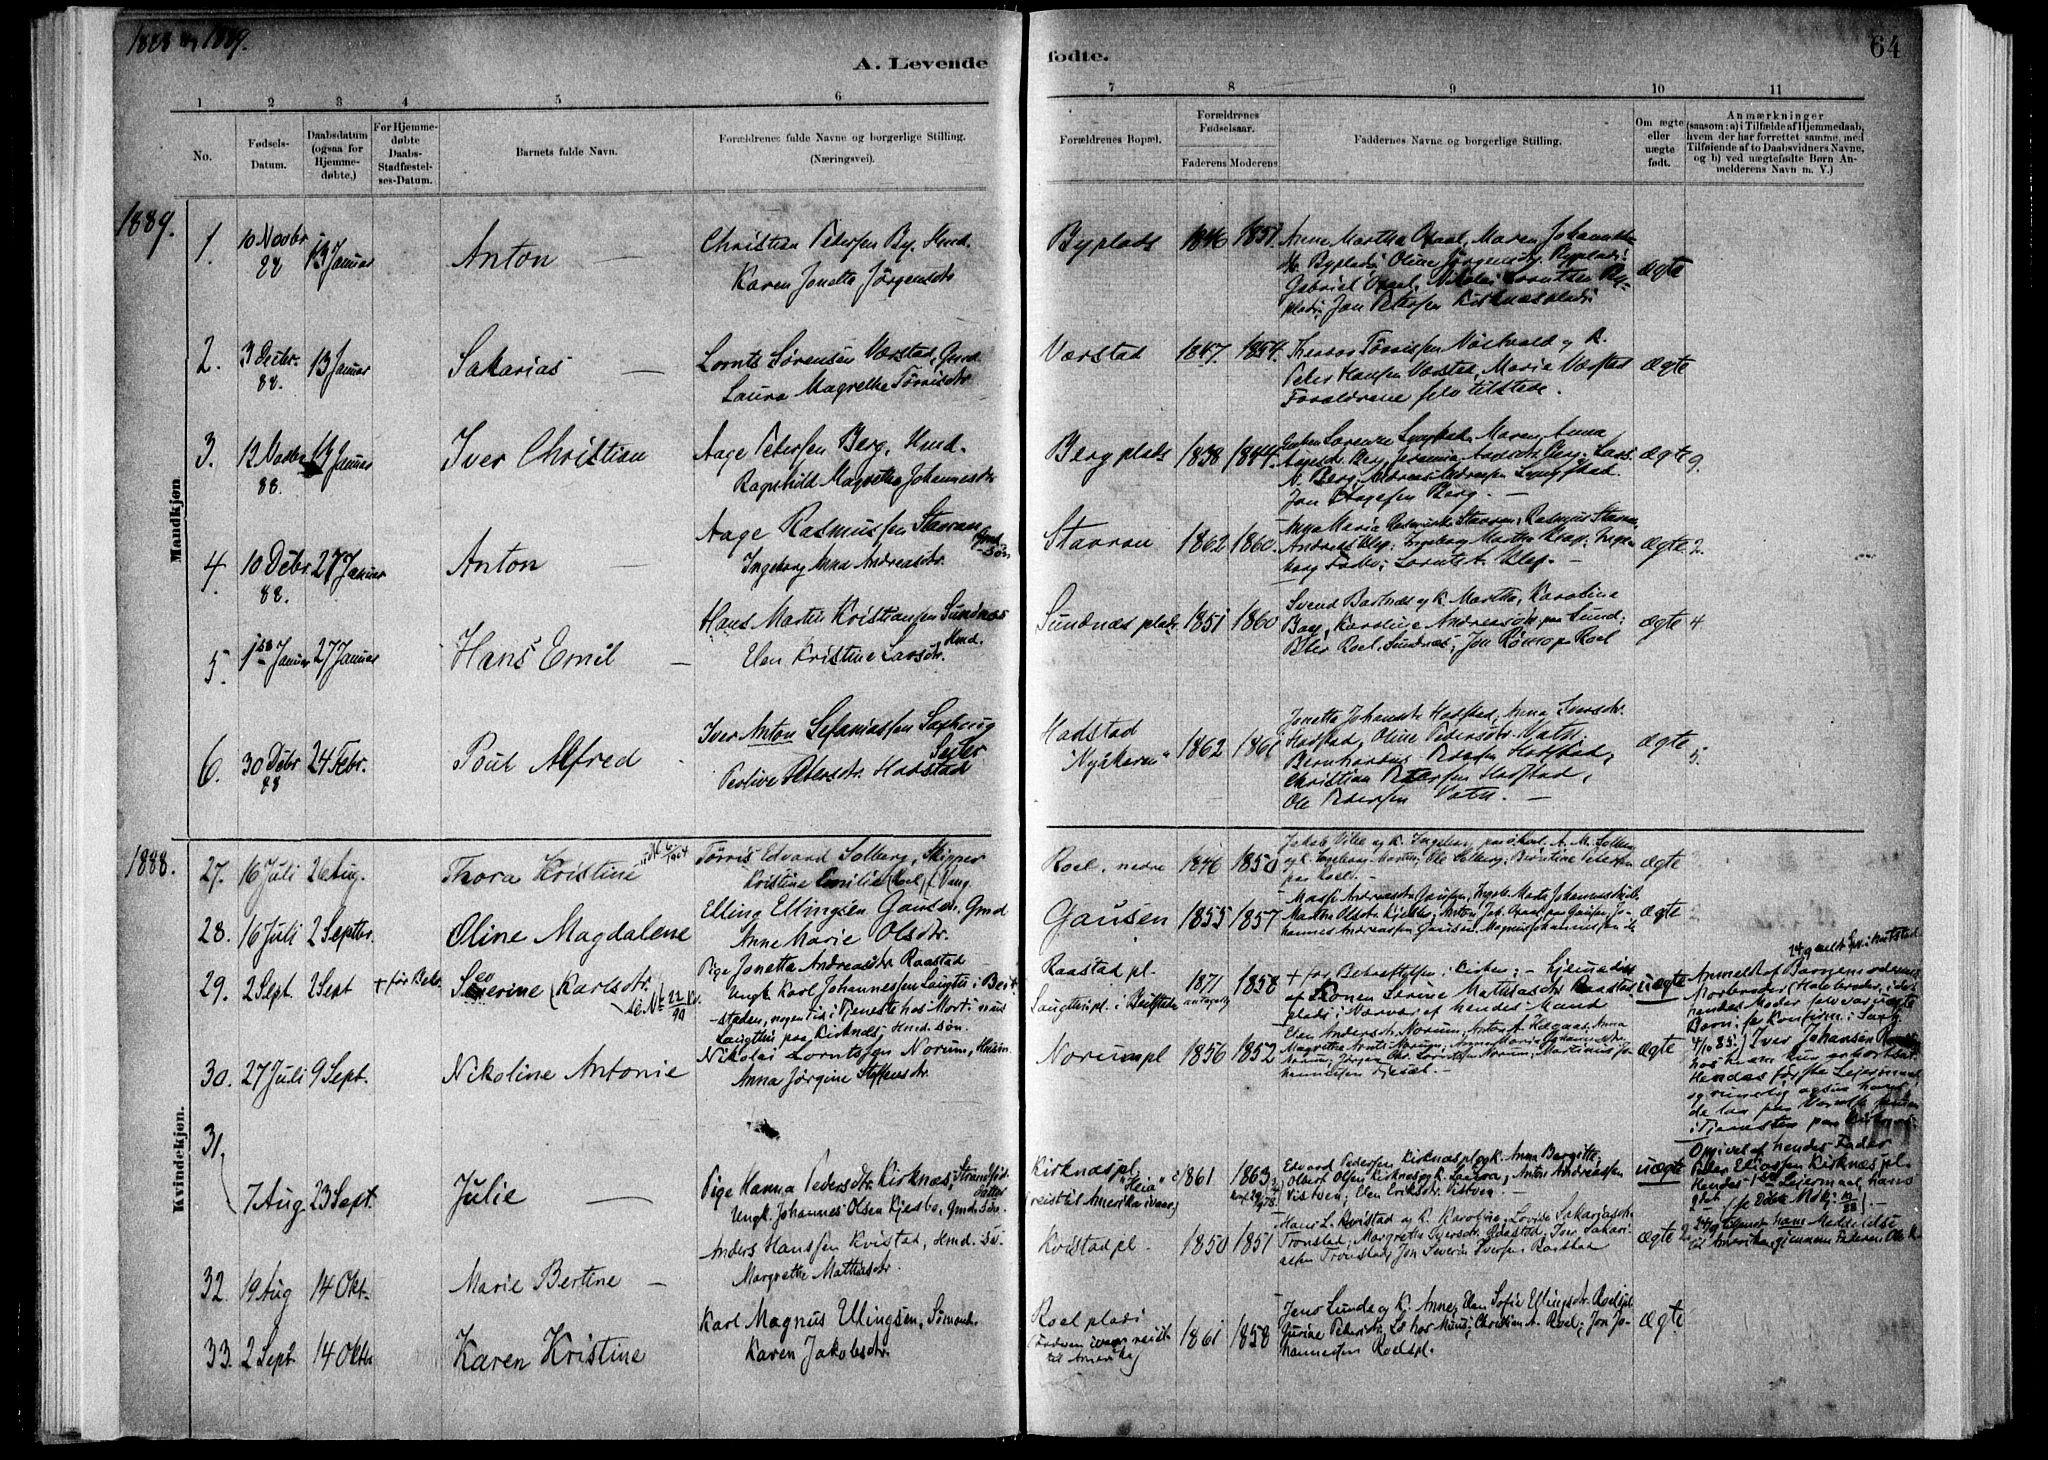 SAT, Ministerialprotokoller, klokkerbøker og fødselsregistre - Nord-Trøndelag, 730/L0285: Ministerialbok nr. 730A10, 1879-1914, s. 64